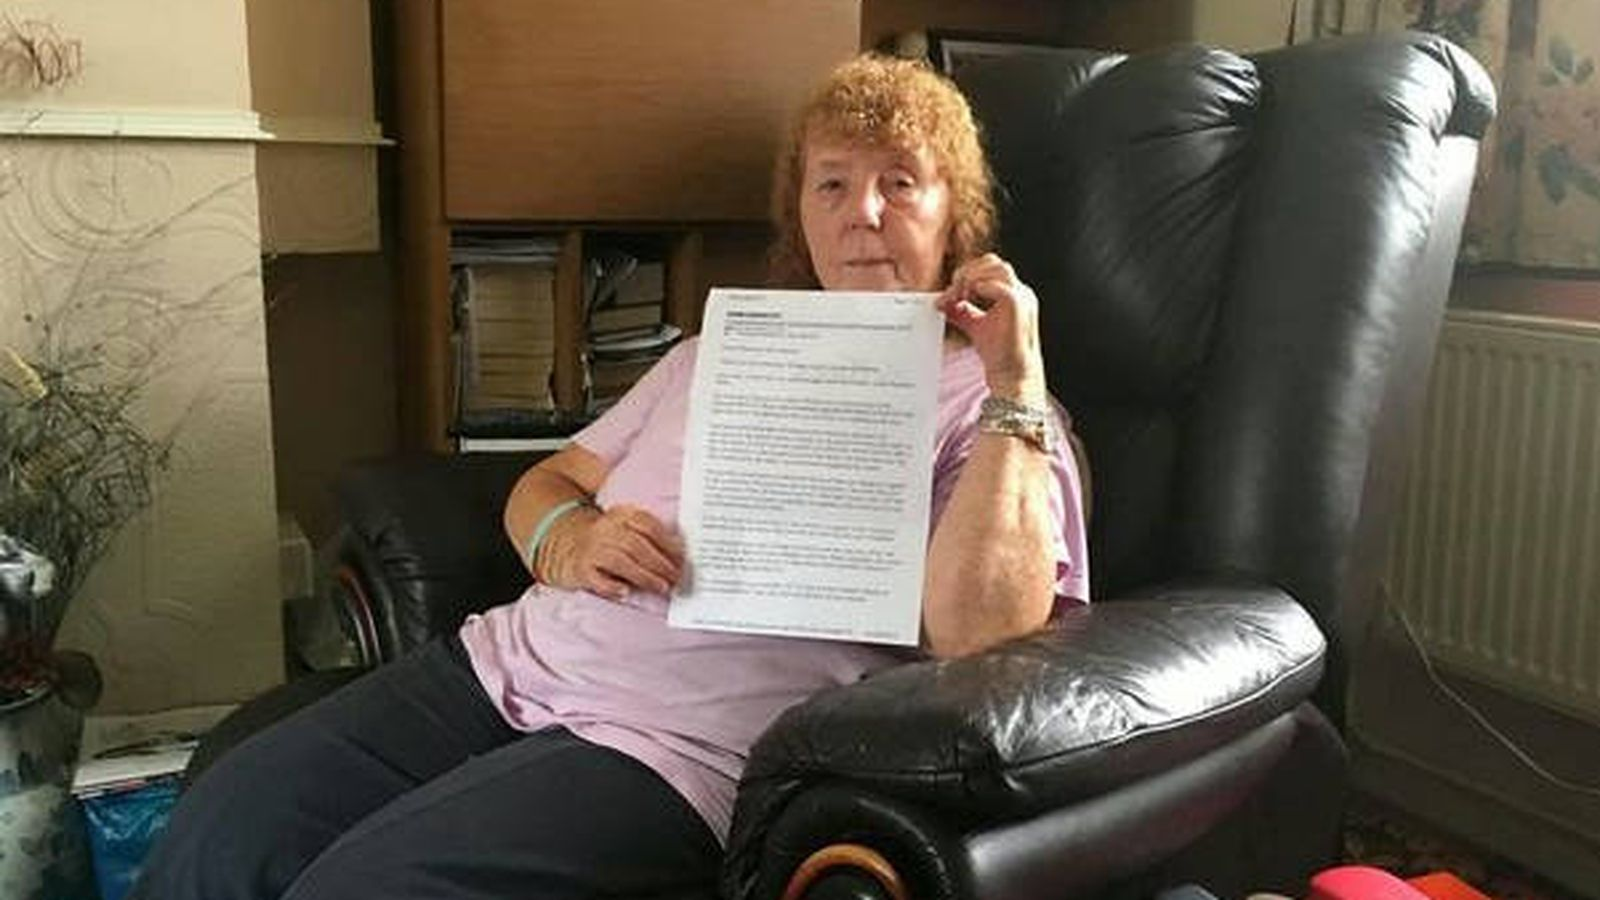 Foto: Freda Jackson enseña la queja que presentó a la agencia de viajes (Foto: Lancashire Telegraph)